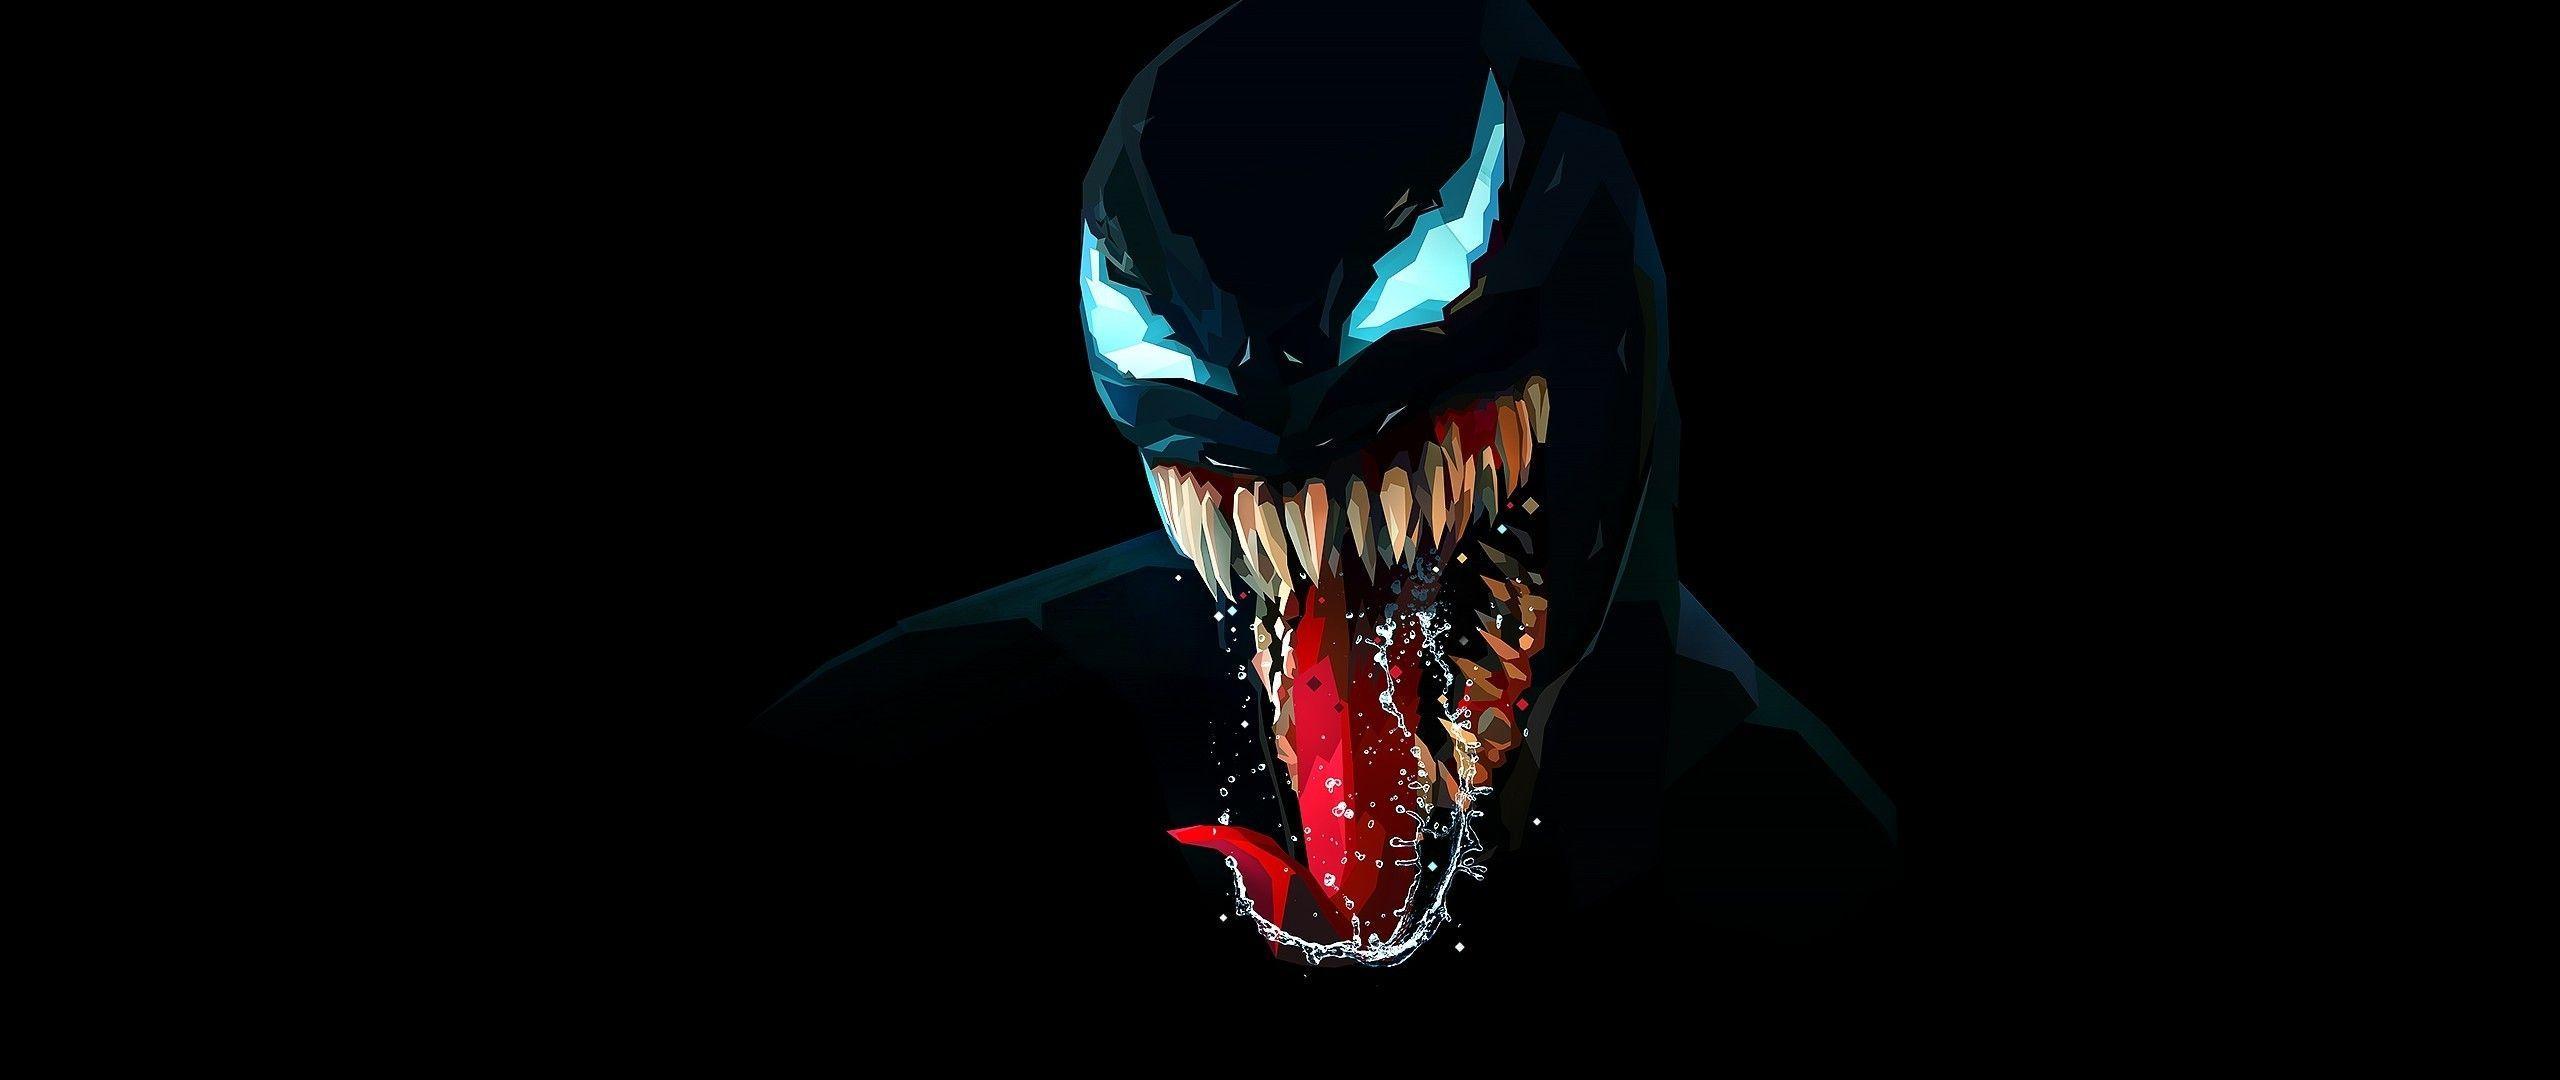 2560x1080 Tải xuống 2560x1080 Venom, Chủ nghĩa tối giản, Quái vật, Hình nền tác phẩm nghệ thuật